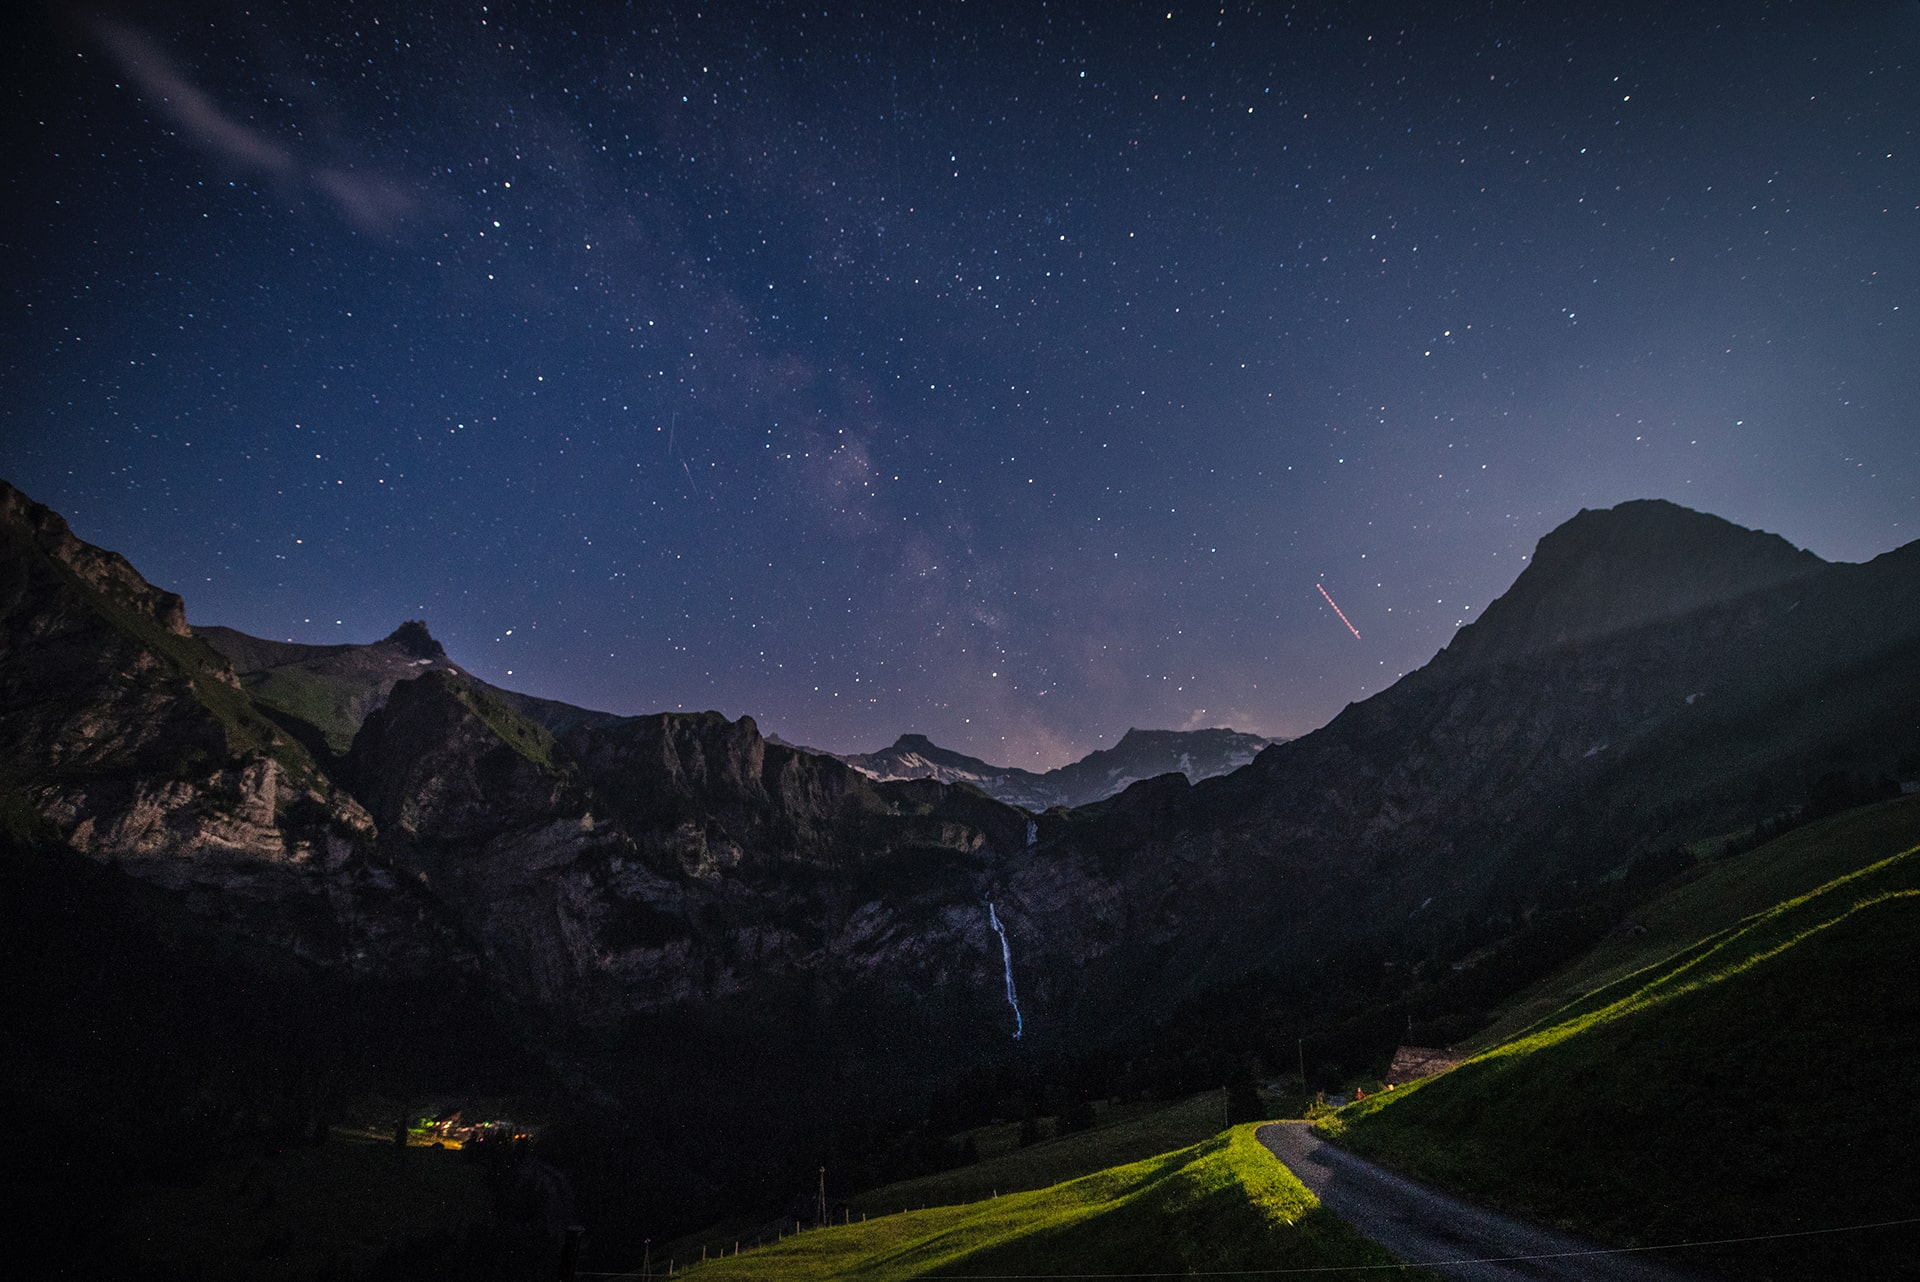 Blog Lifestyle - Le ciel étoilé d'Adelboden  - Suivre sa Joie - Saskia Parein